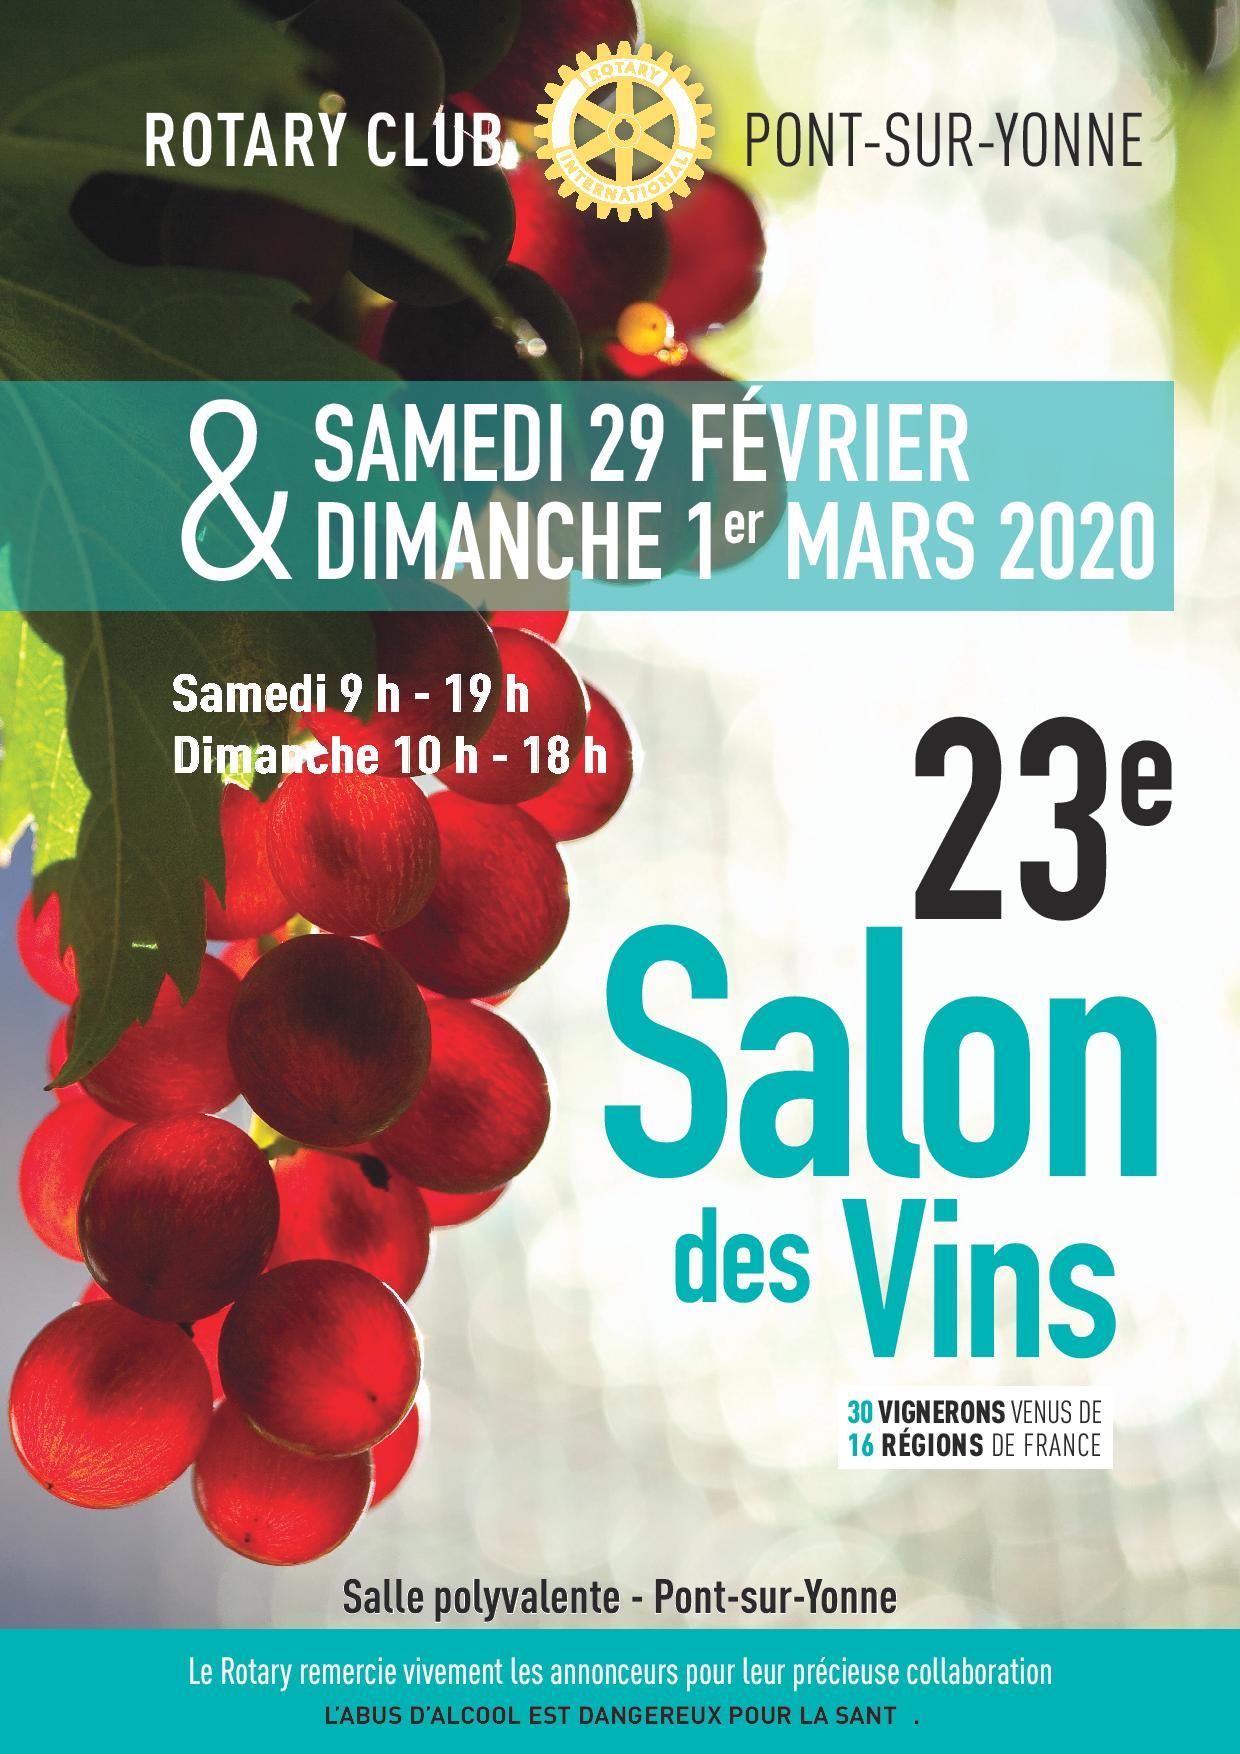 16e Salon des vins / Salle polyvalente - Pont-sur-Yonne - Sens et